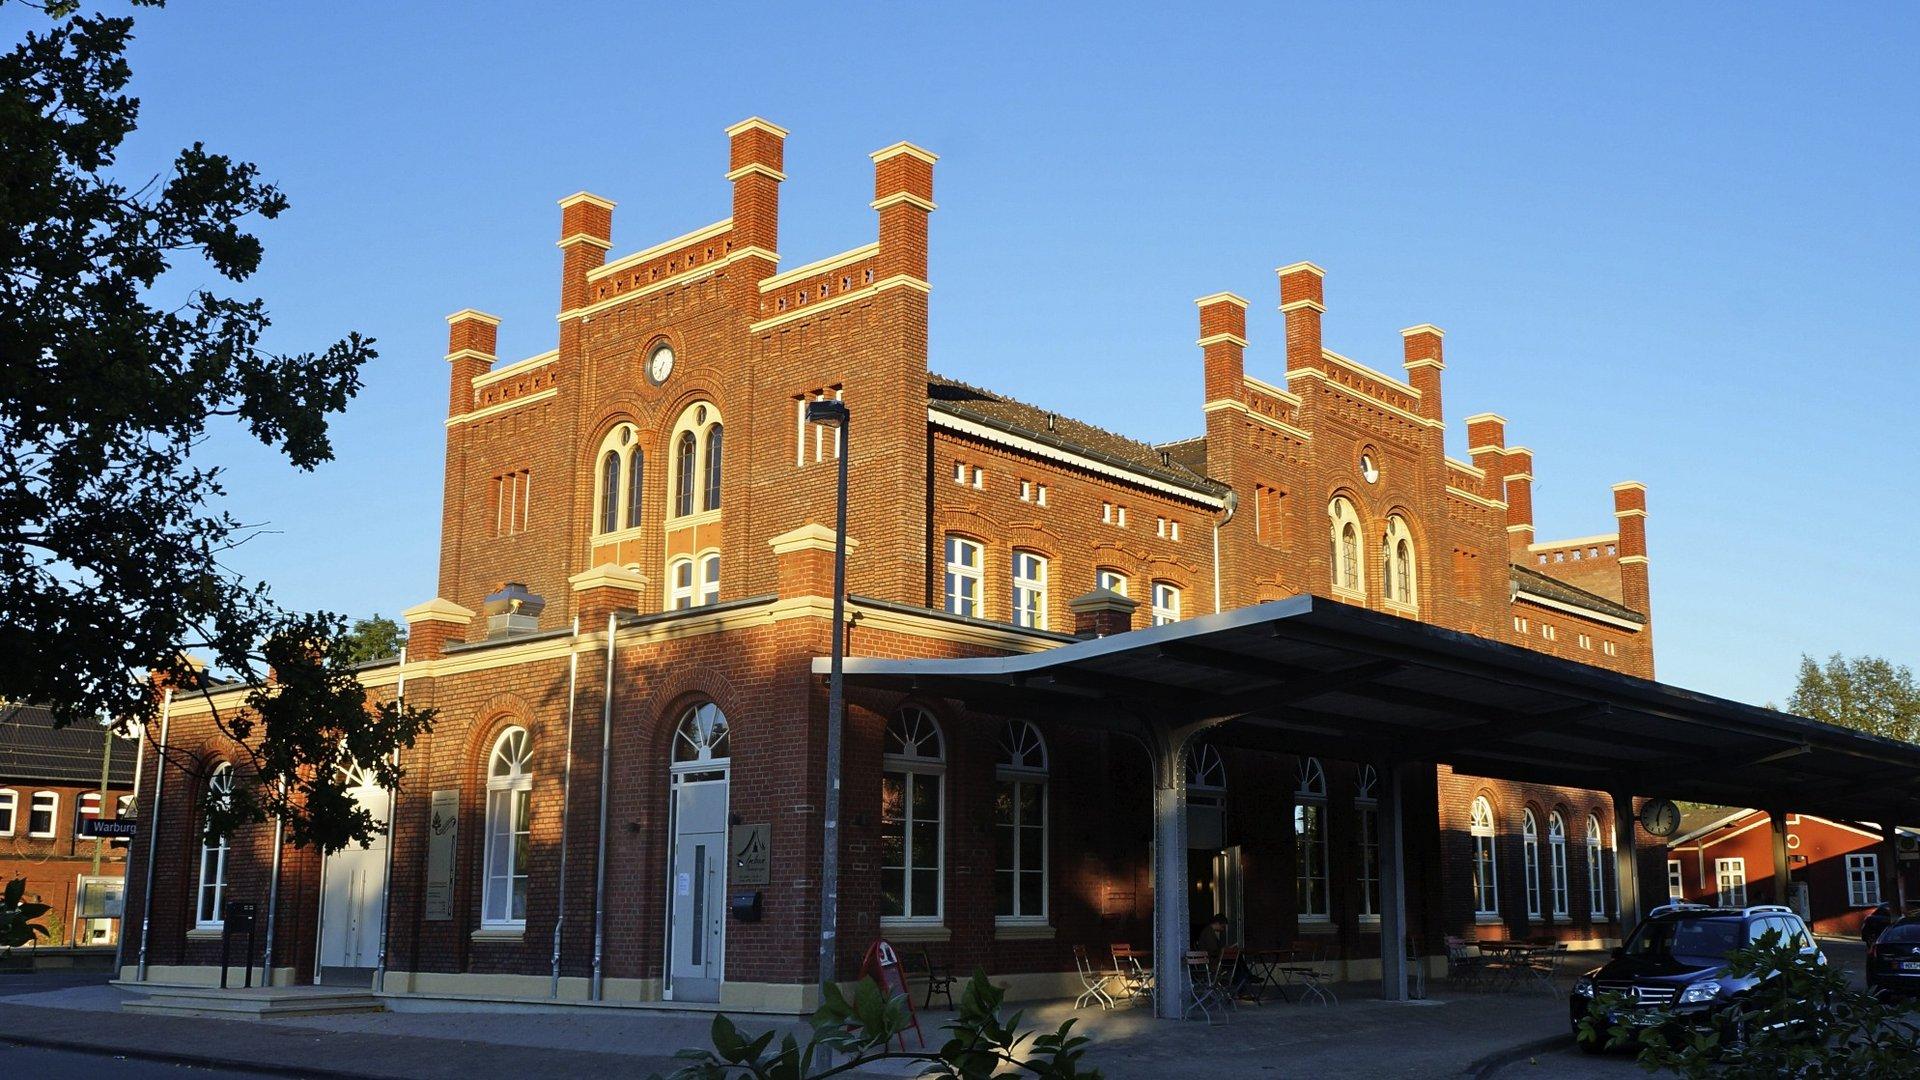 Bahnhof in Warburg 2